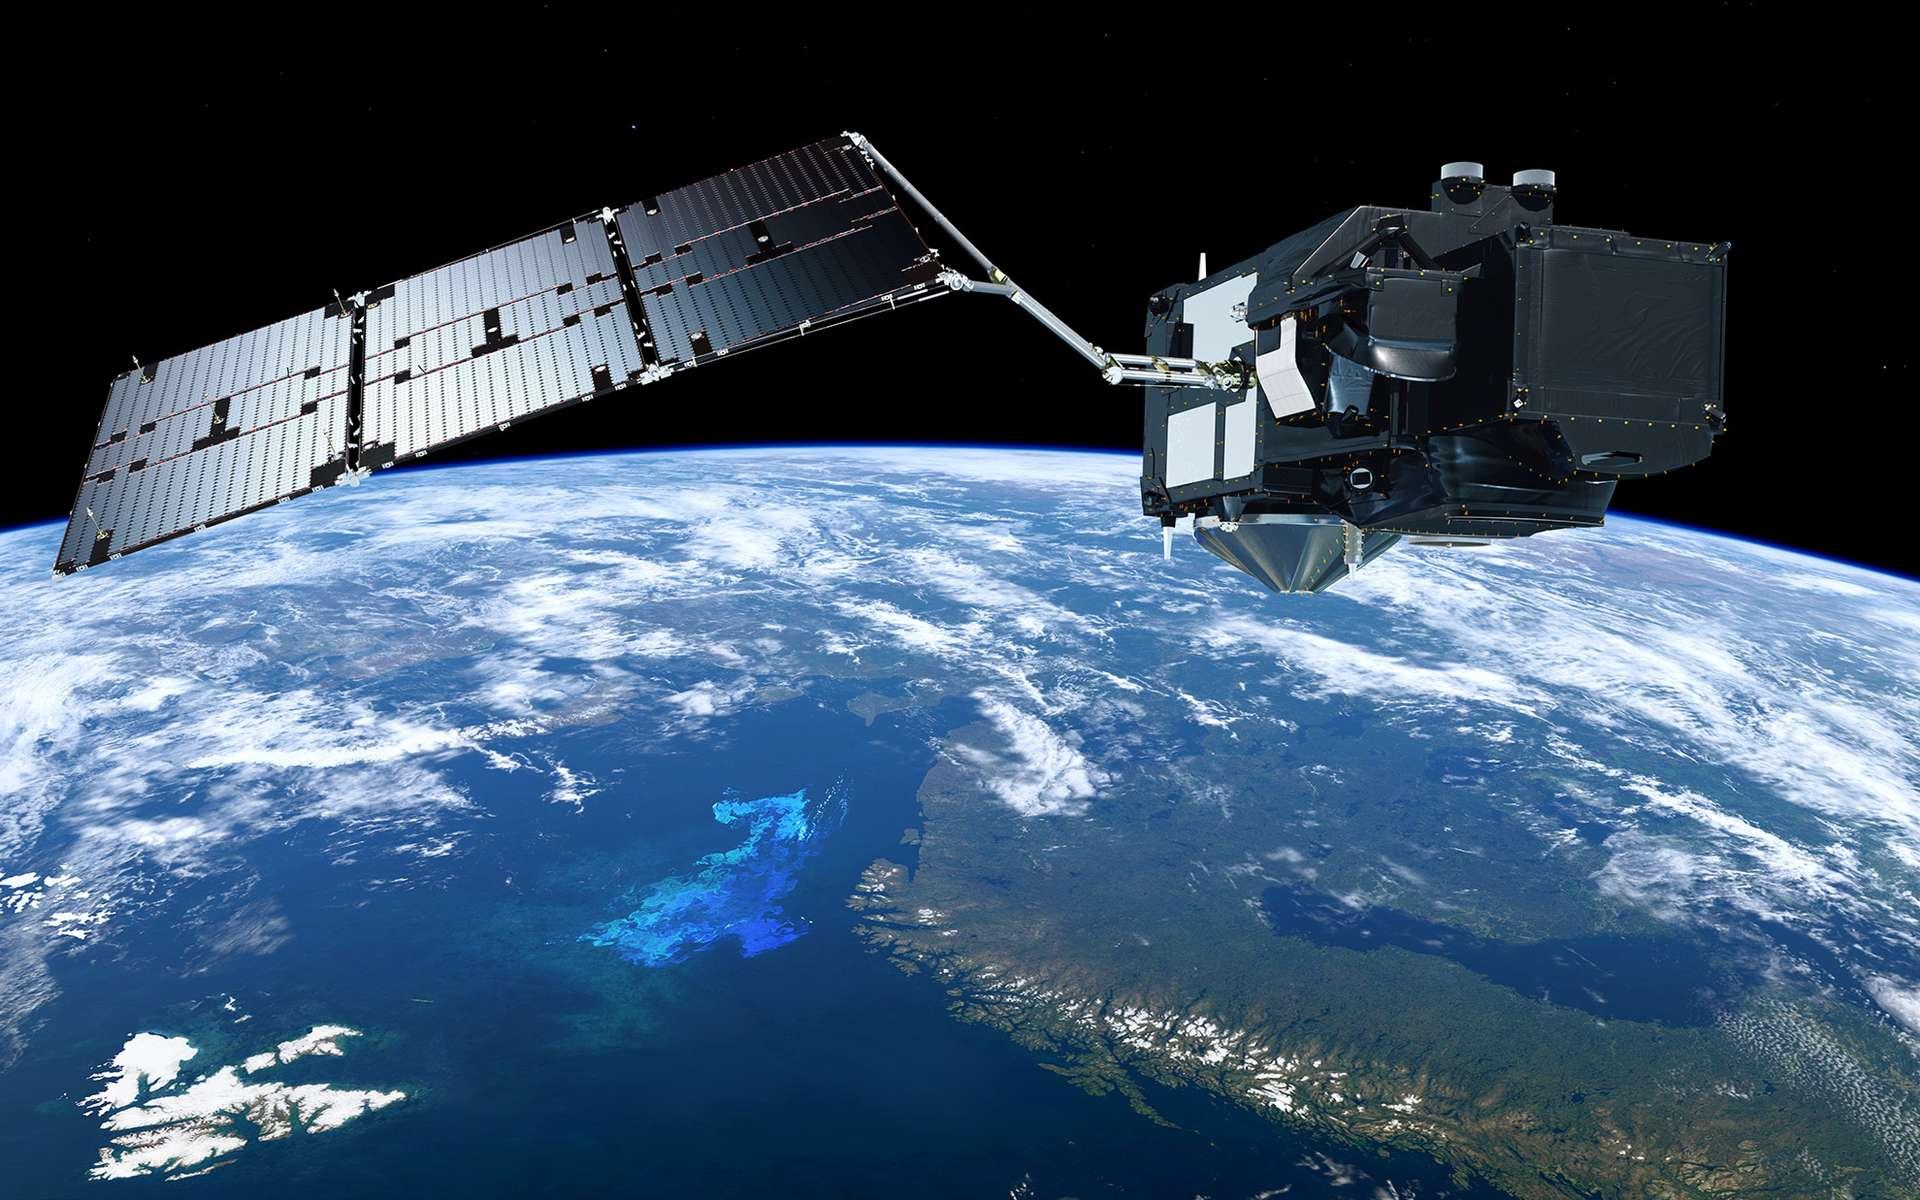 Le satellite Sentinel 3B s'apprête à décoller. Ici, un satellite Sentinel 3. Financés par la Commission européenne et l'Agence spatiale européenne (ESA), les satellites Sentinel 3 sont construits par Thales Alenia Space et opérés par Eumetsat. © S. Corvaja, ESA